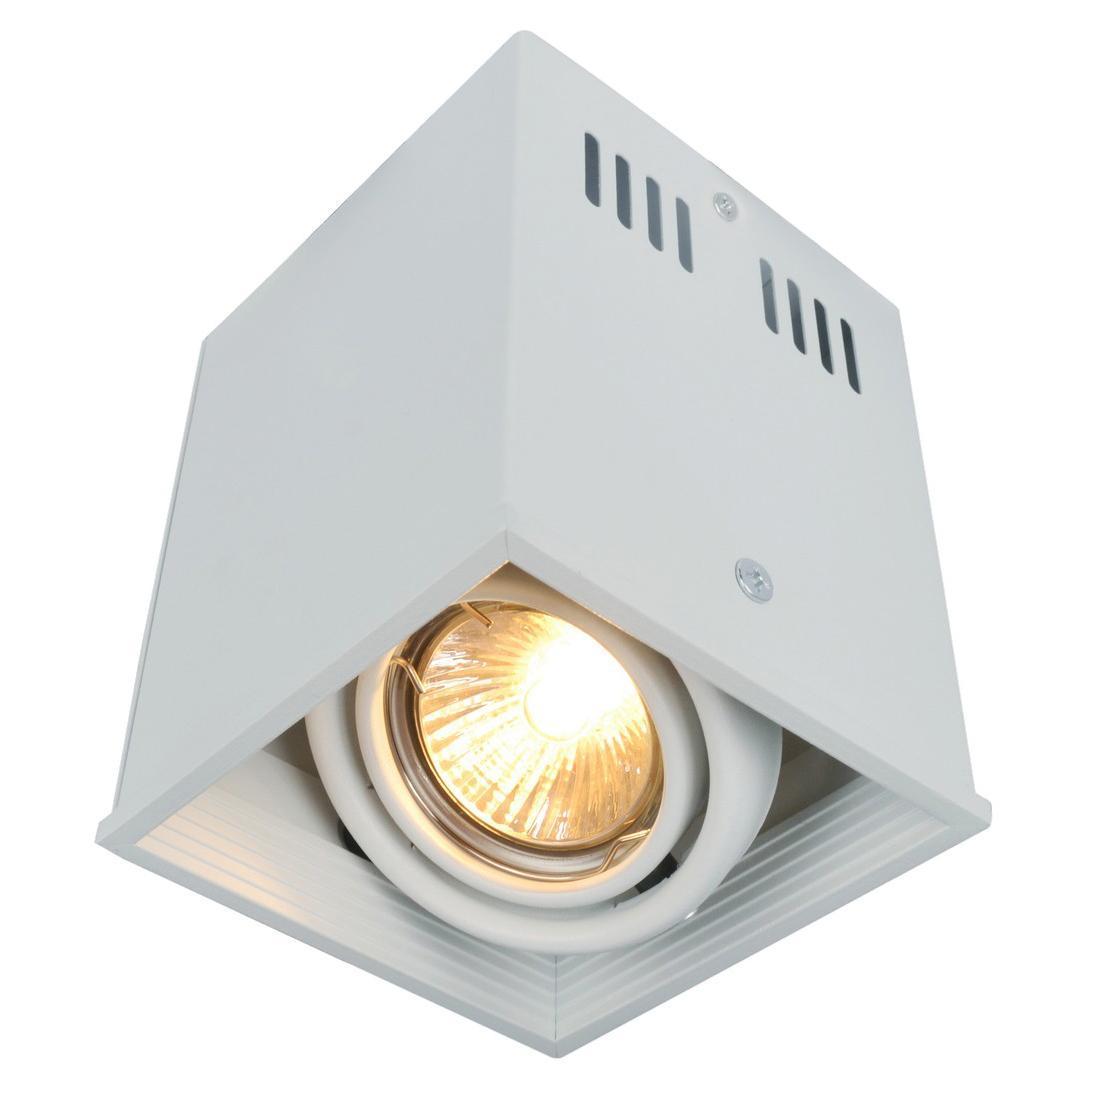 Потолочный светильник Arte Lamp Cardani A5942PL-1WH arte lamp карданный светильник arte lamp cardani a5942pl 3wh